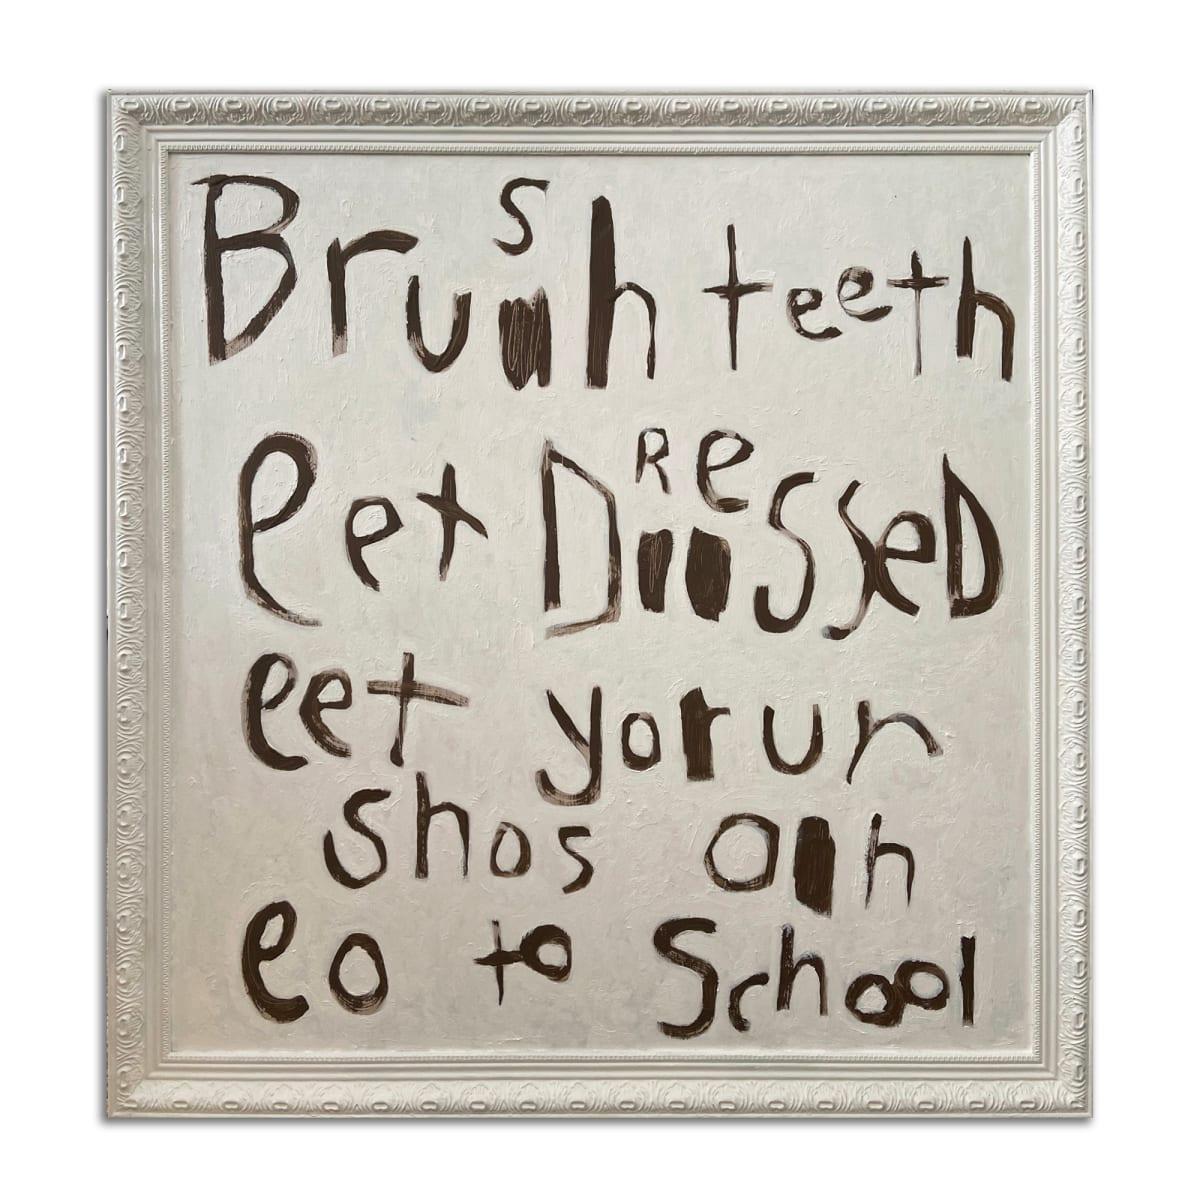 Margot's To Do List by Rosie Winstead